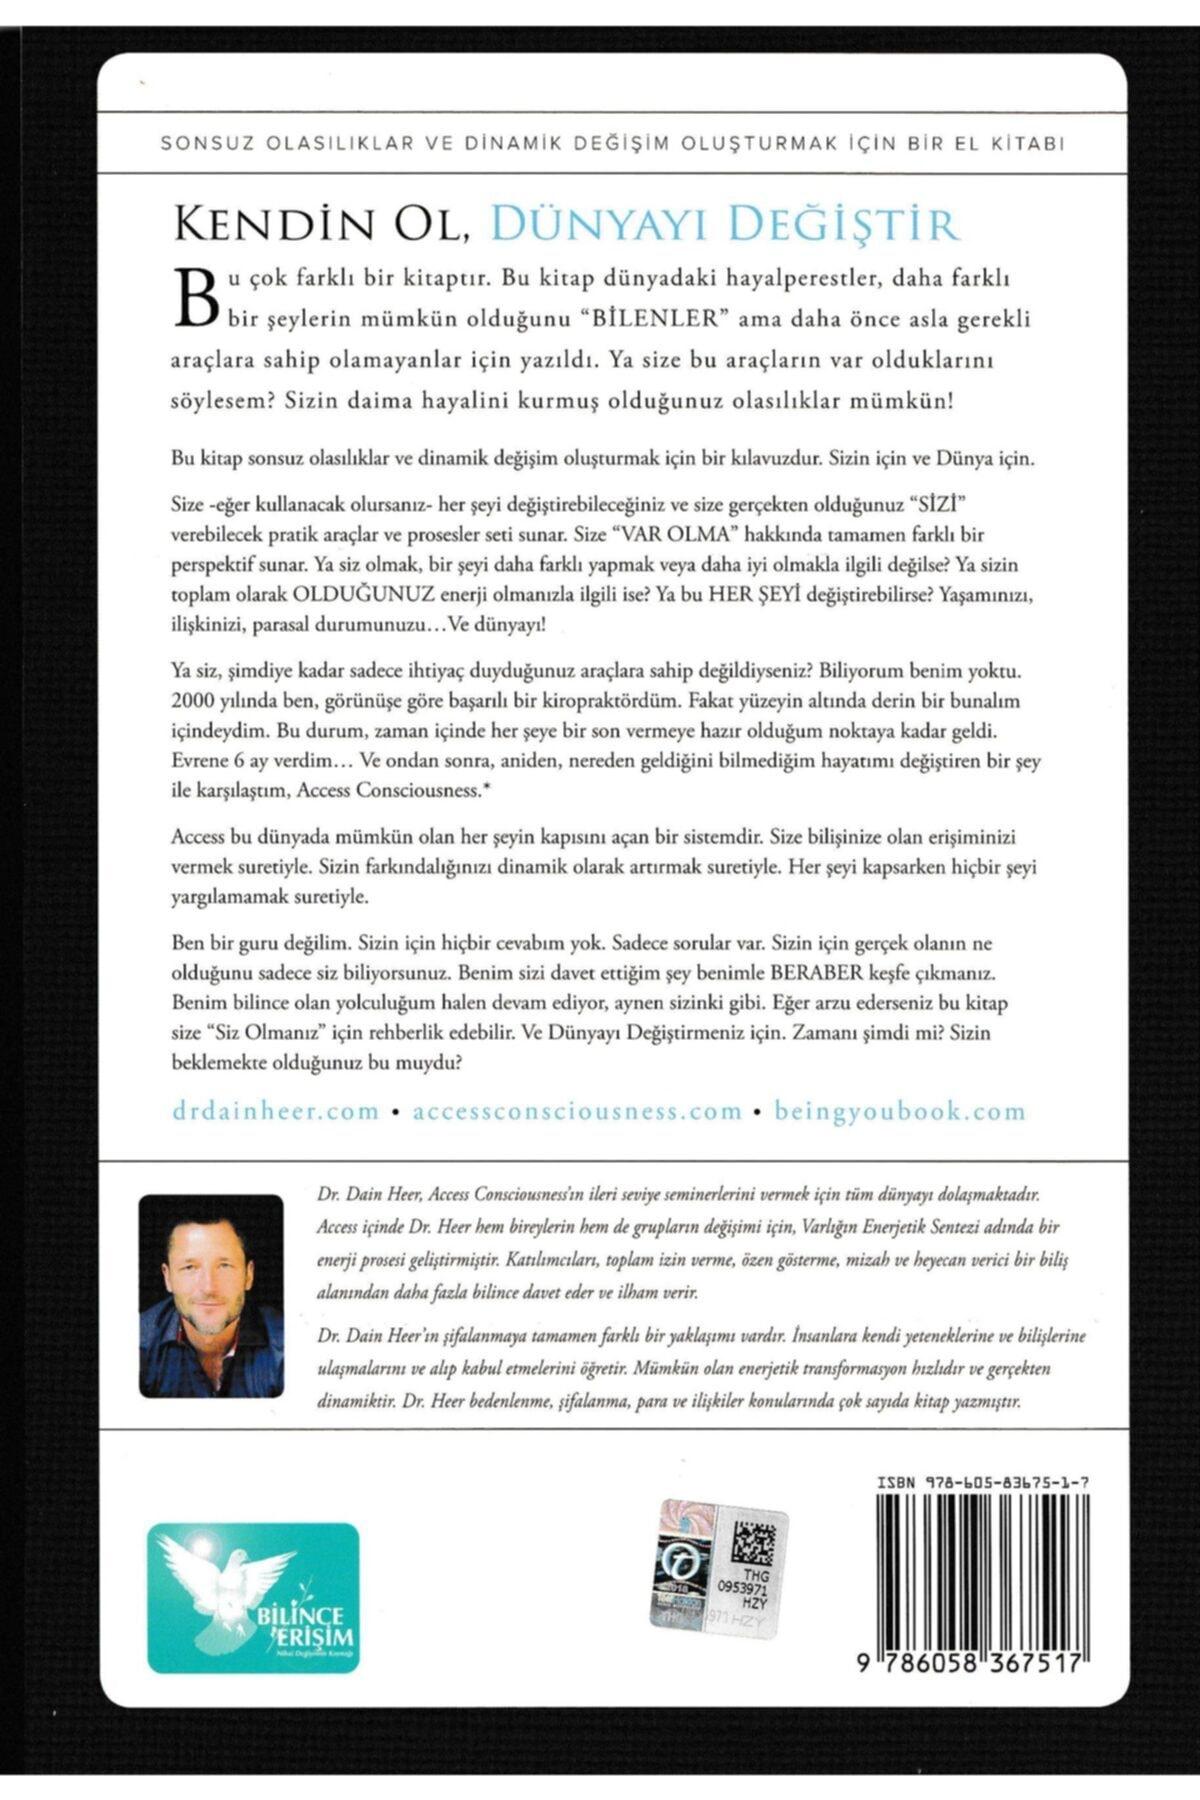 Bilince Erişim Kişisel Gelişim Danışmanlığı Kendin Ol Dünyayı Değiştir - Dr.daın Heer 2